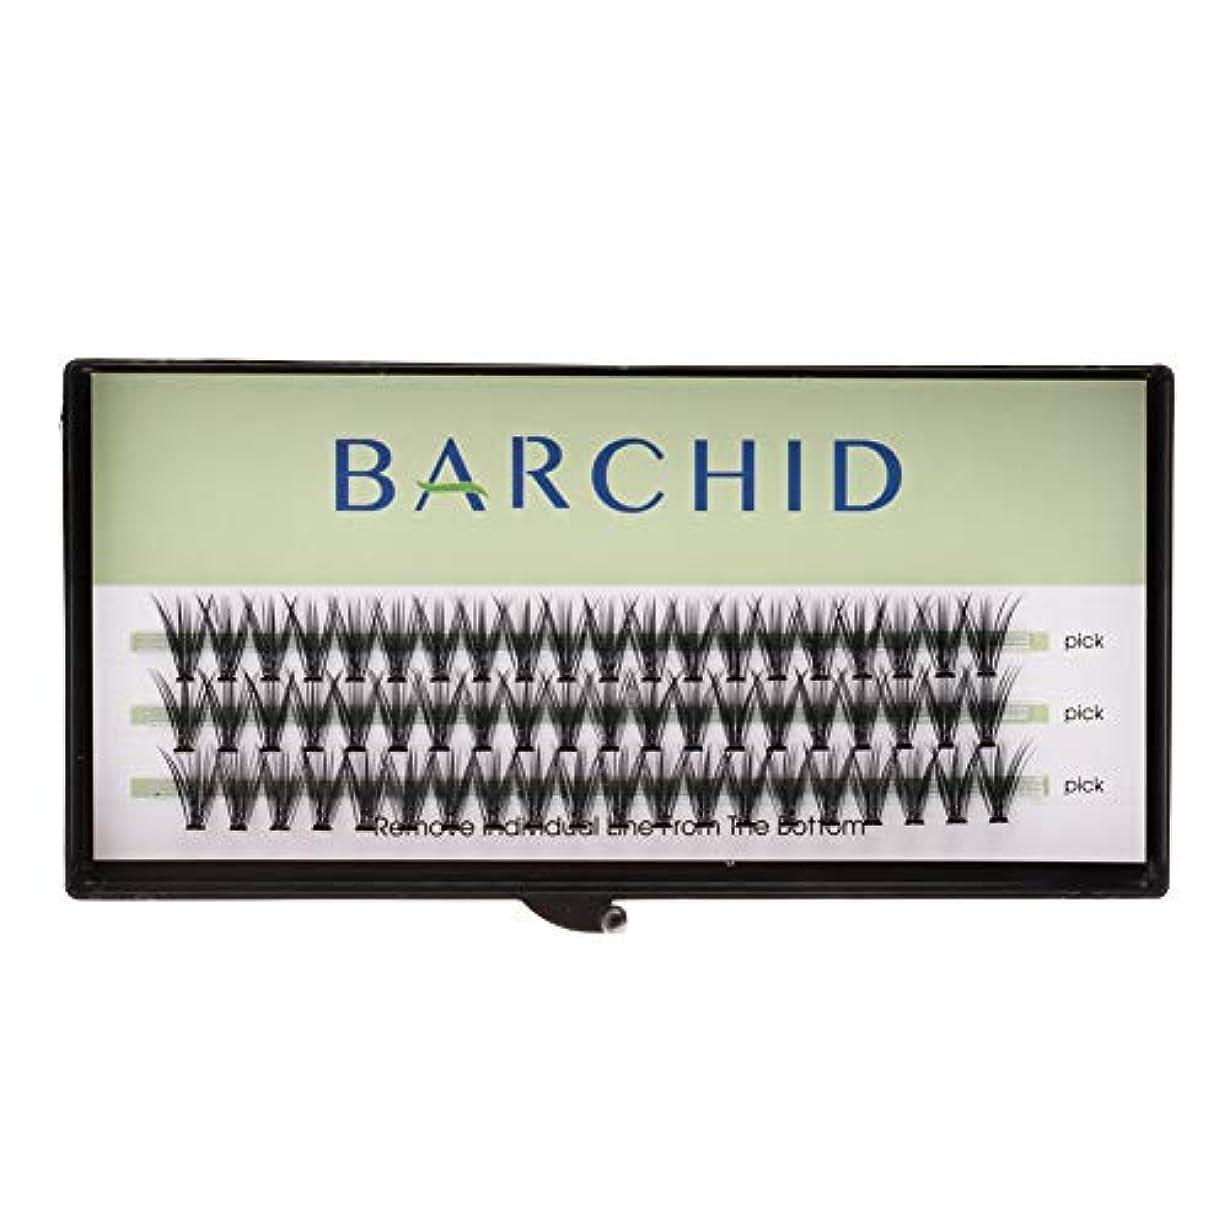 スキップ魔法大工BARCHID 高品質超極細まつげエクステ太さ0.07mm 20本束10mm Cカール フレア セルフ用 素材 マツエク